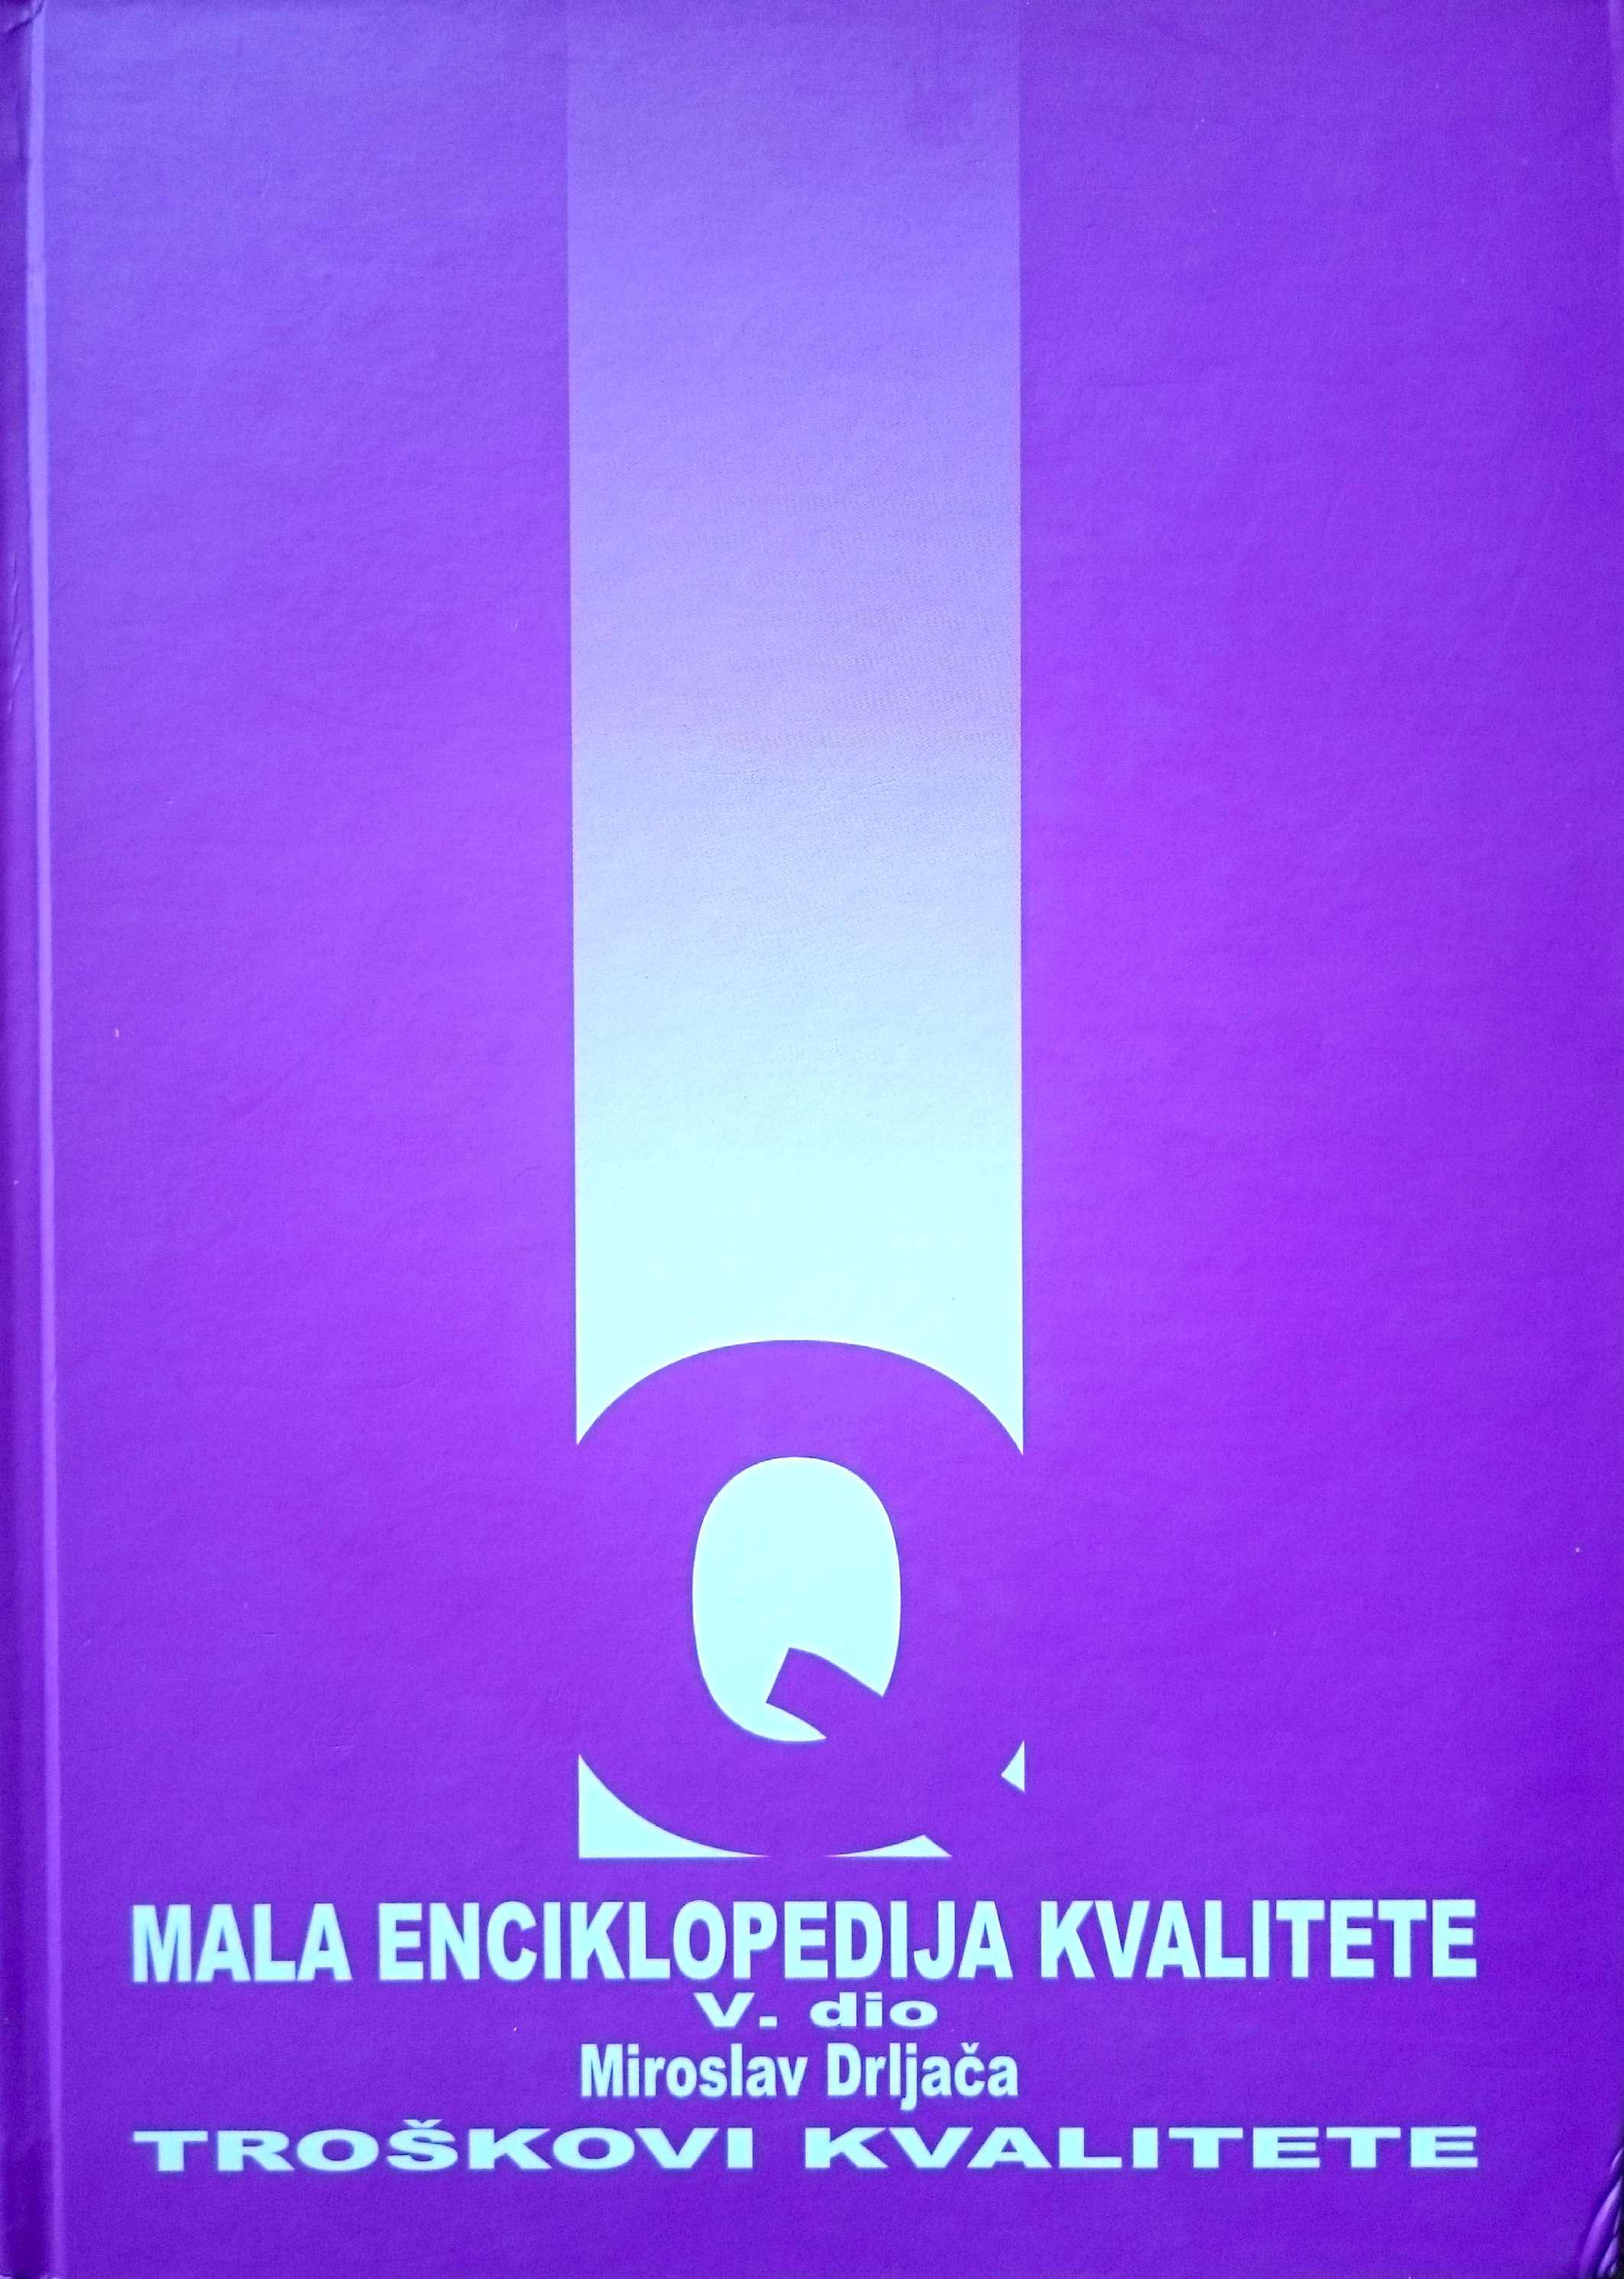 MALA ENCIKLOPEDIJA KVALITETE V dio - Naruči svoju knjigu